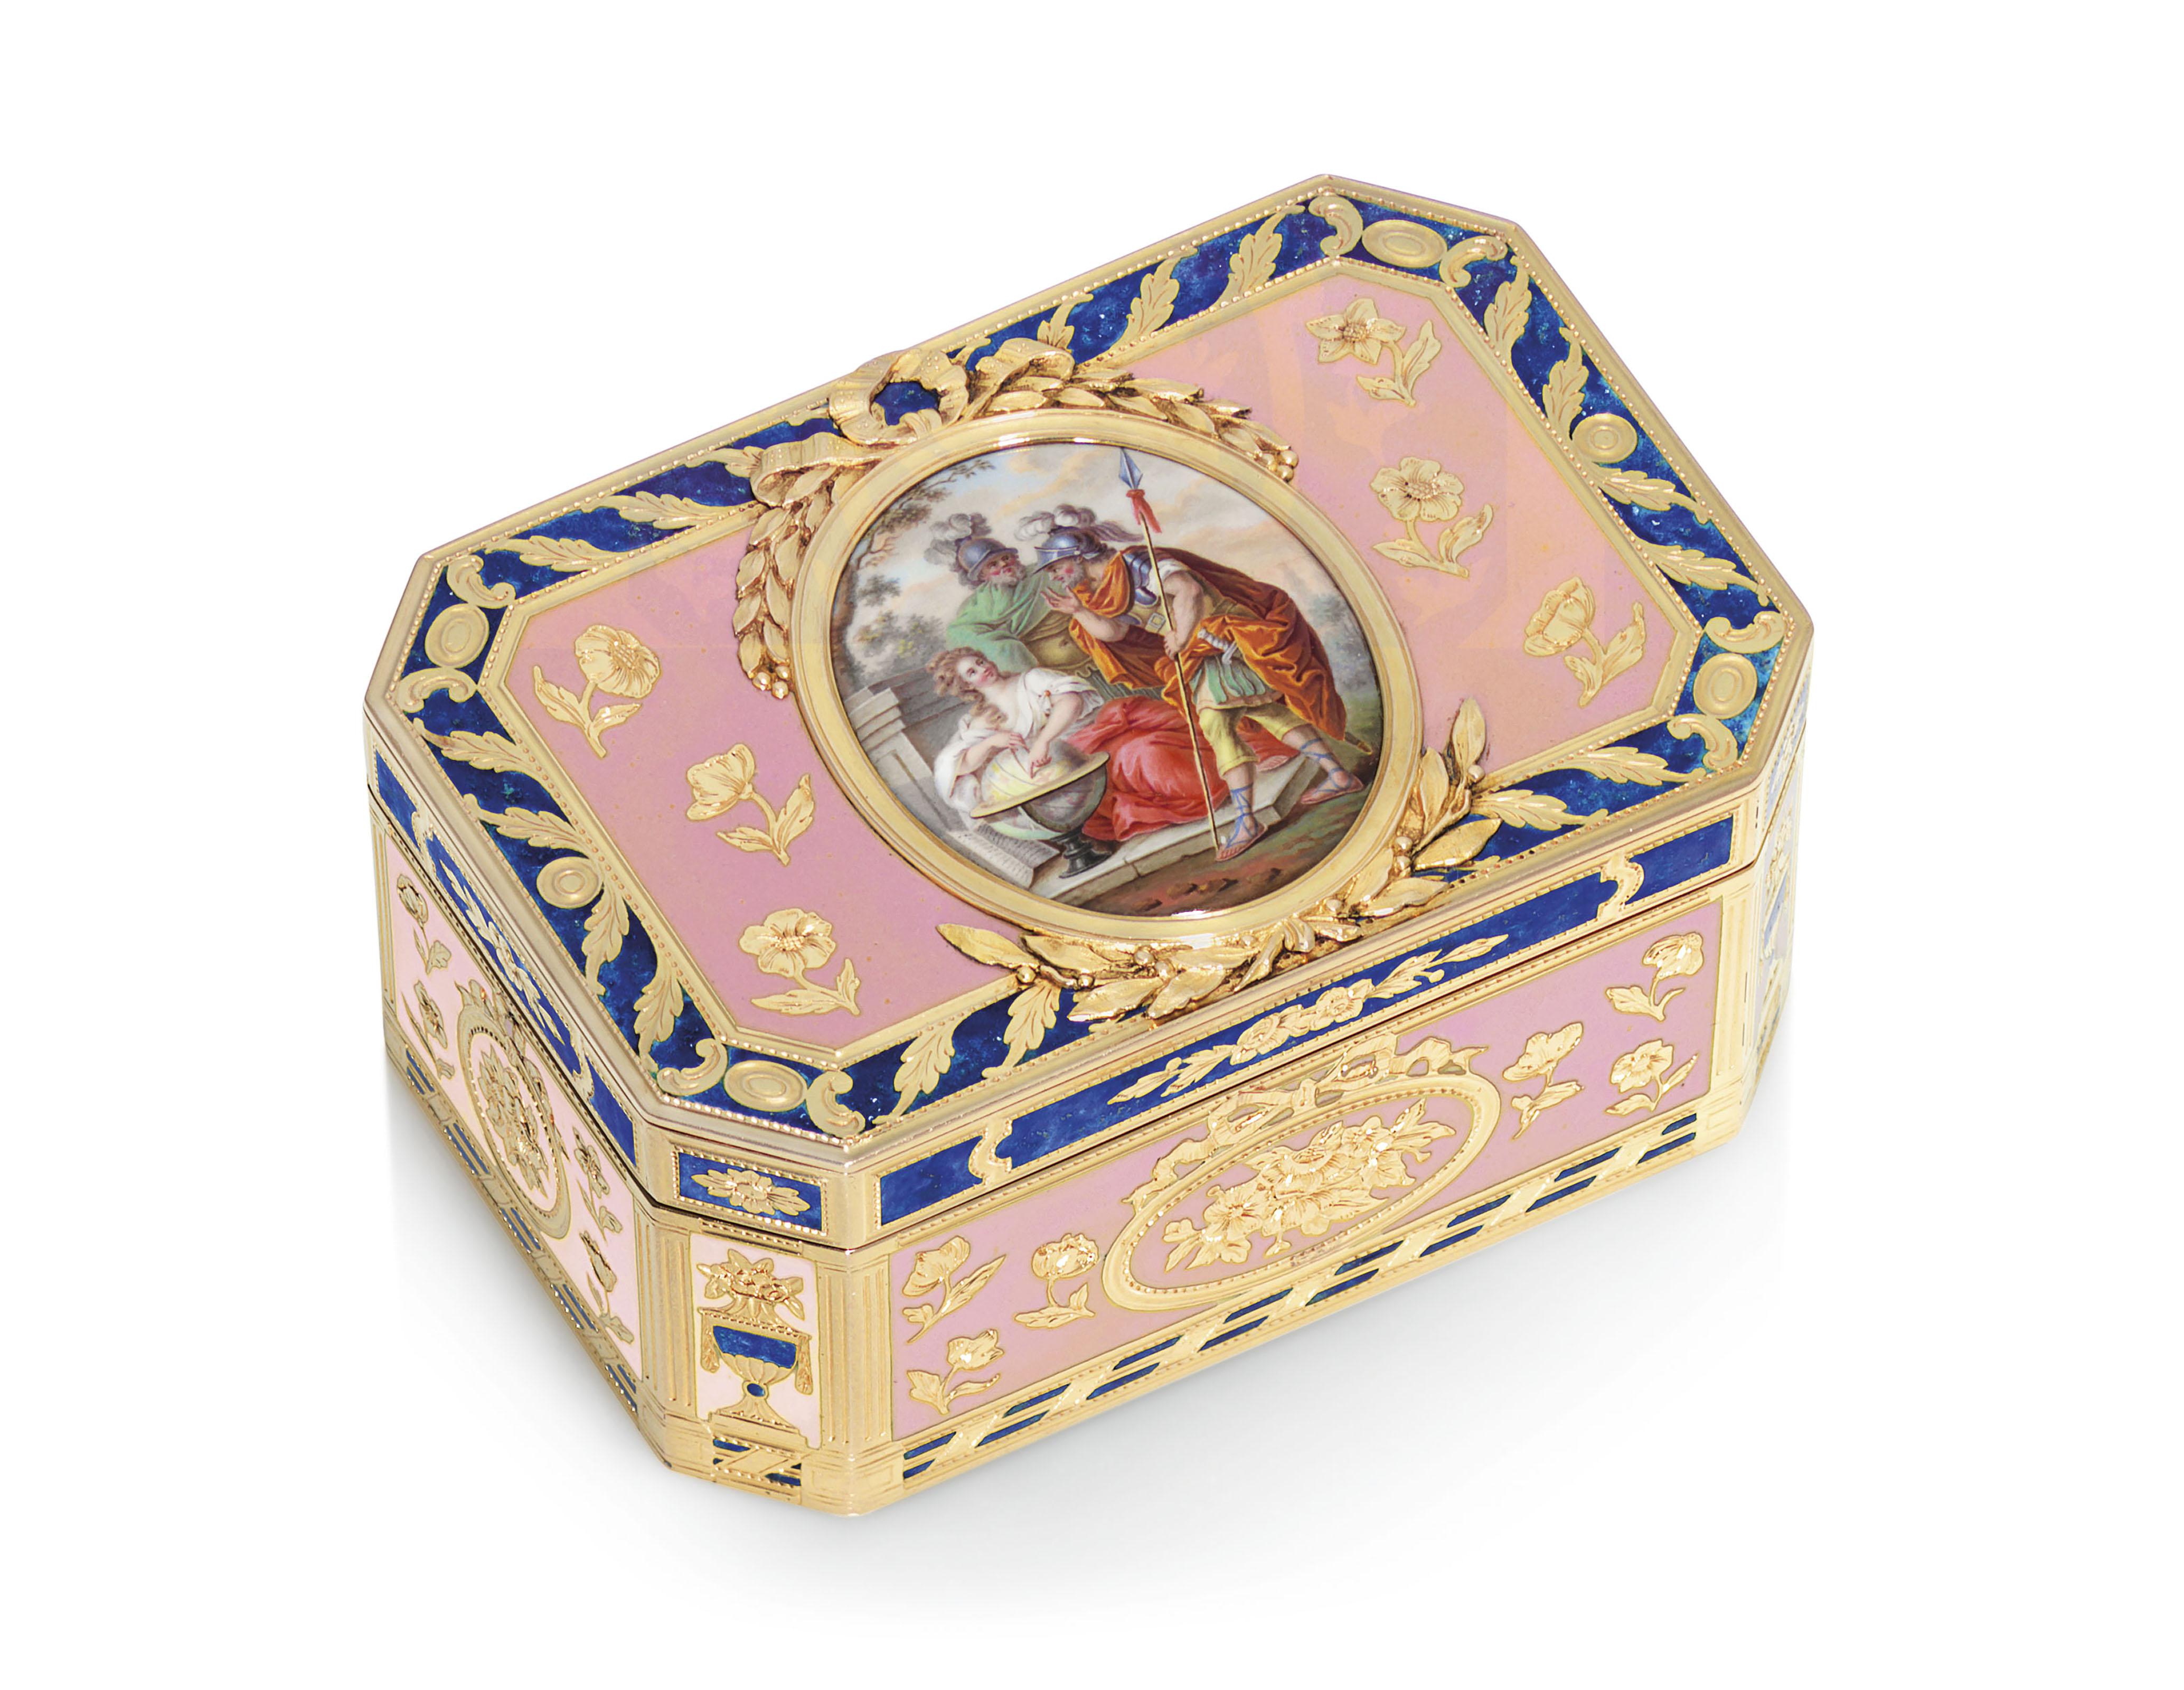 路易十六时期珐琅黄金鼻烟盒,Charles Brisson(活跃于1761-1793年间),附标记,巴黎,178-1781,附有Henri Clavel 1780-1782年课税申报标章,以及法国1838年后限制保证金标。宽2 78英寸(72毫米)。此拍品于2019年12月5日在佳士得伦敦售出,成交价57,500英镑